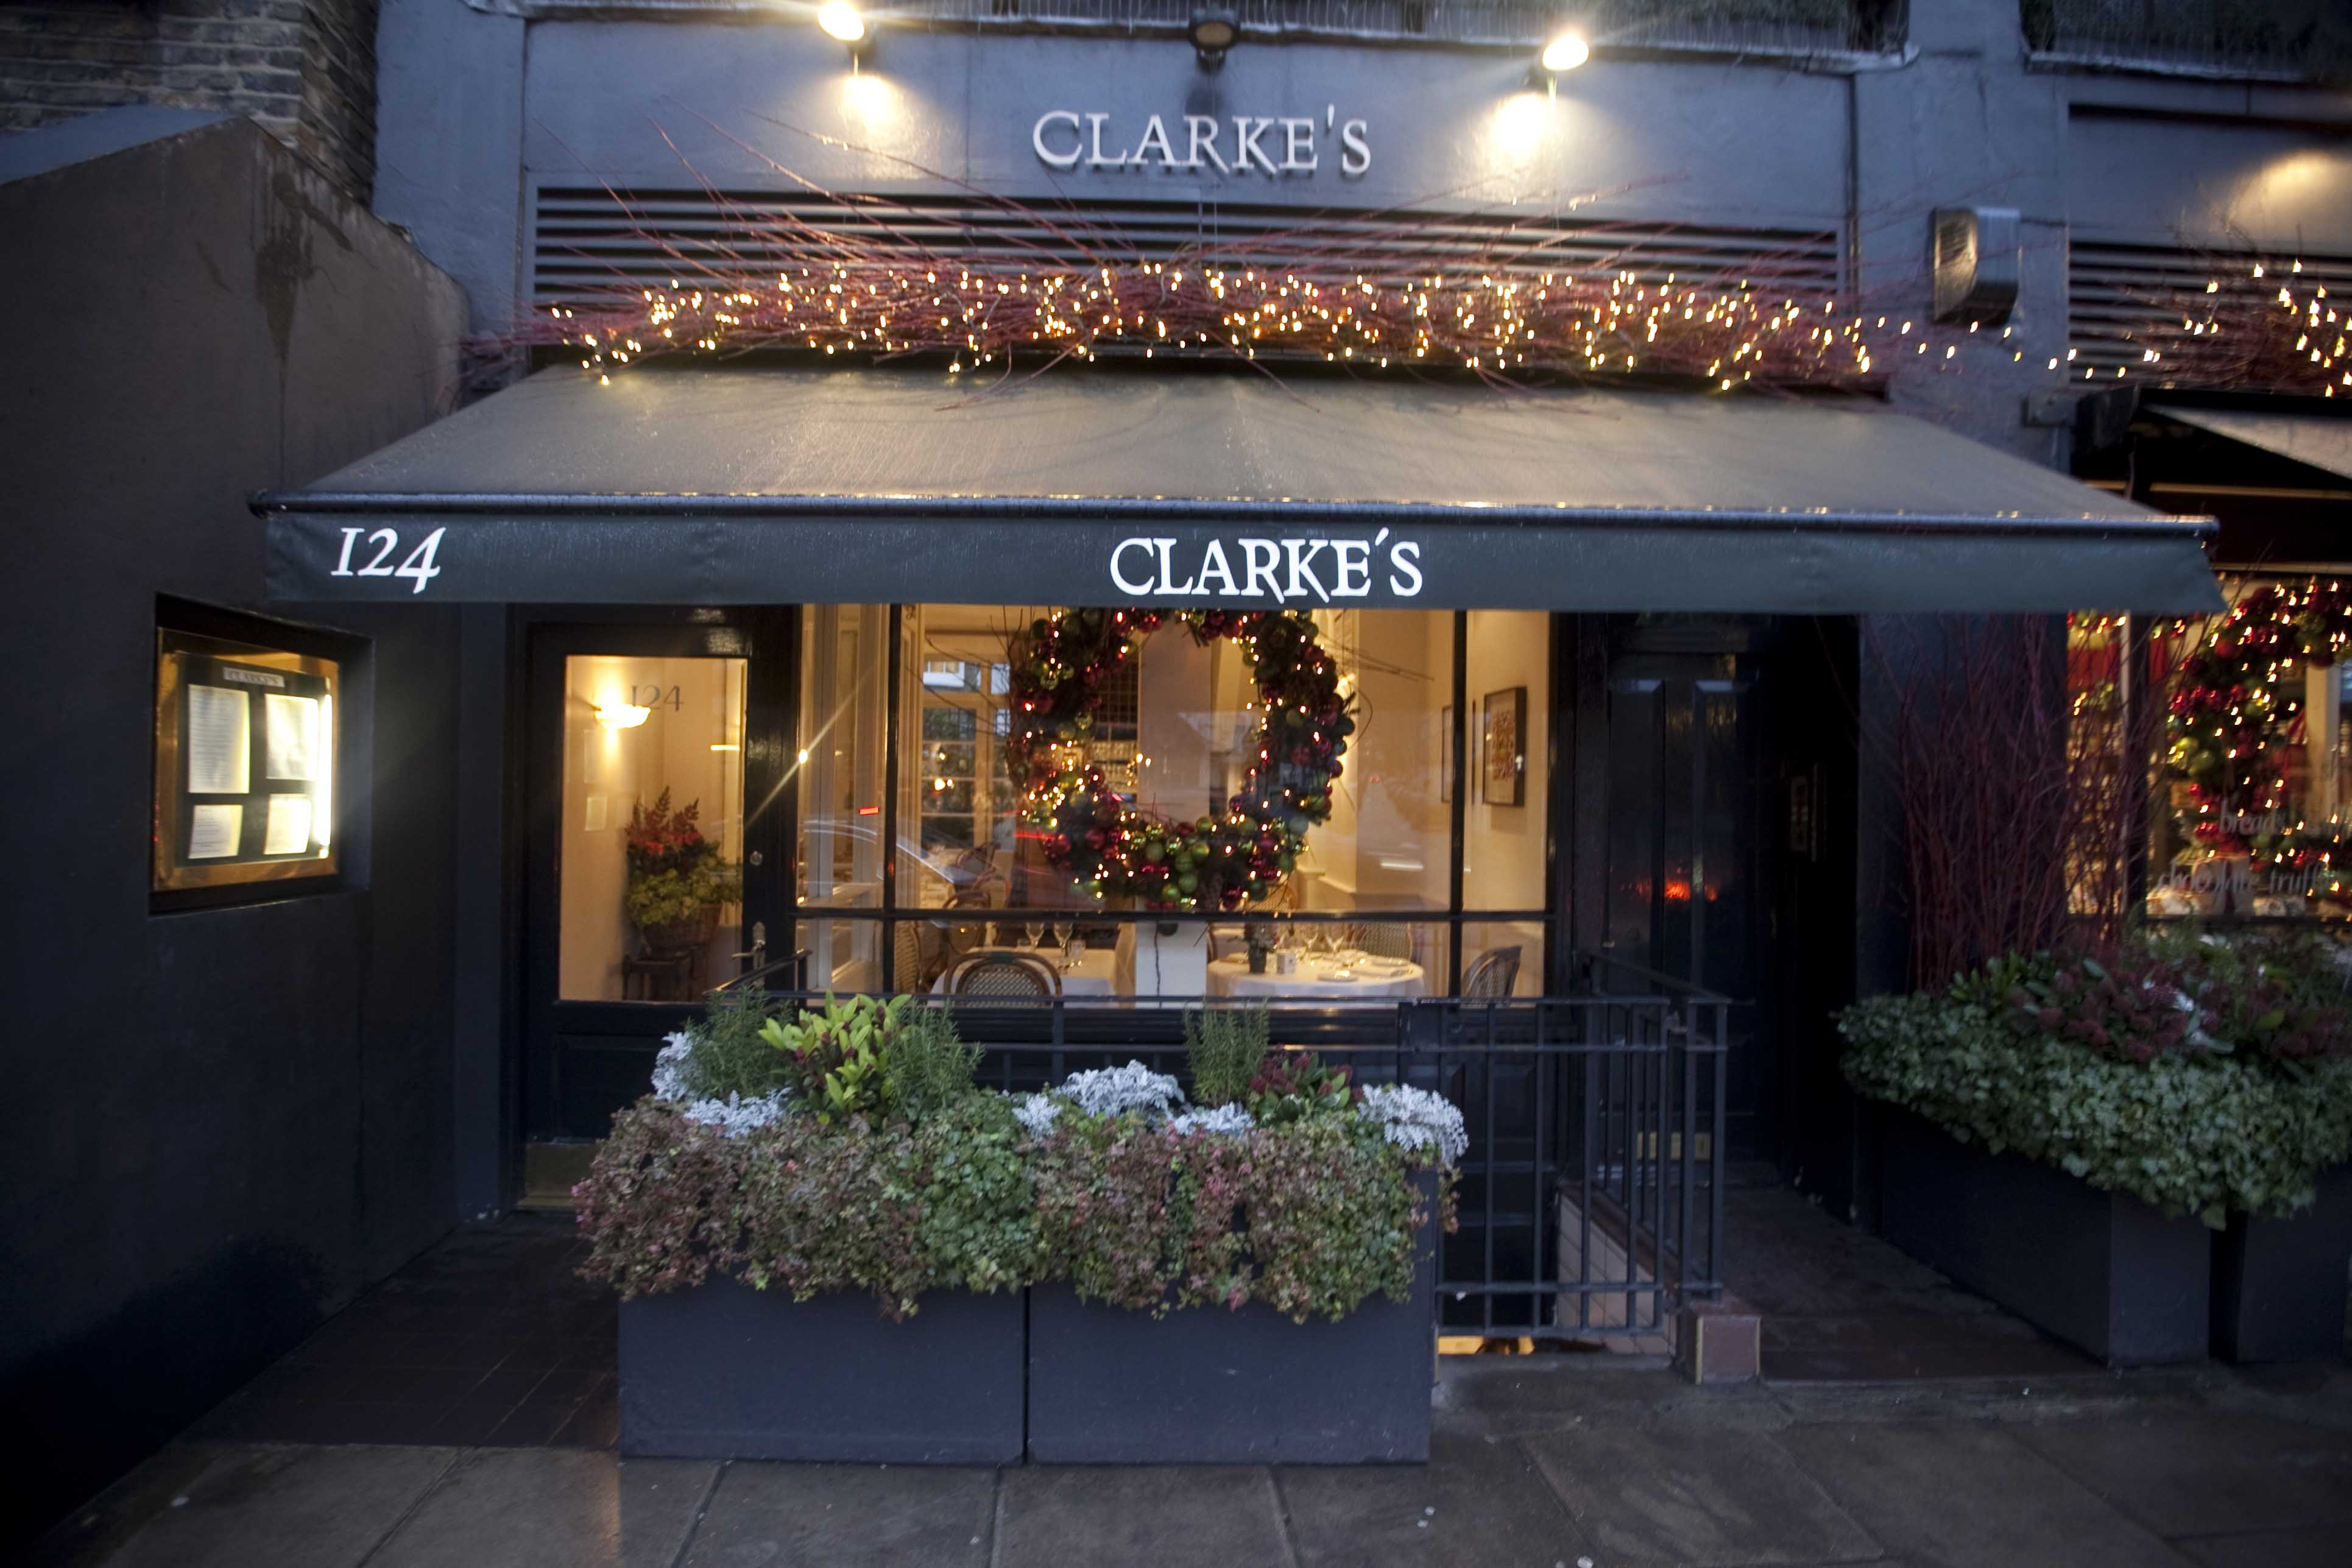 Italian restaurant exterior - Clarkes Restaurant Exterior